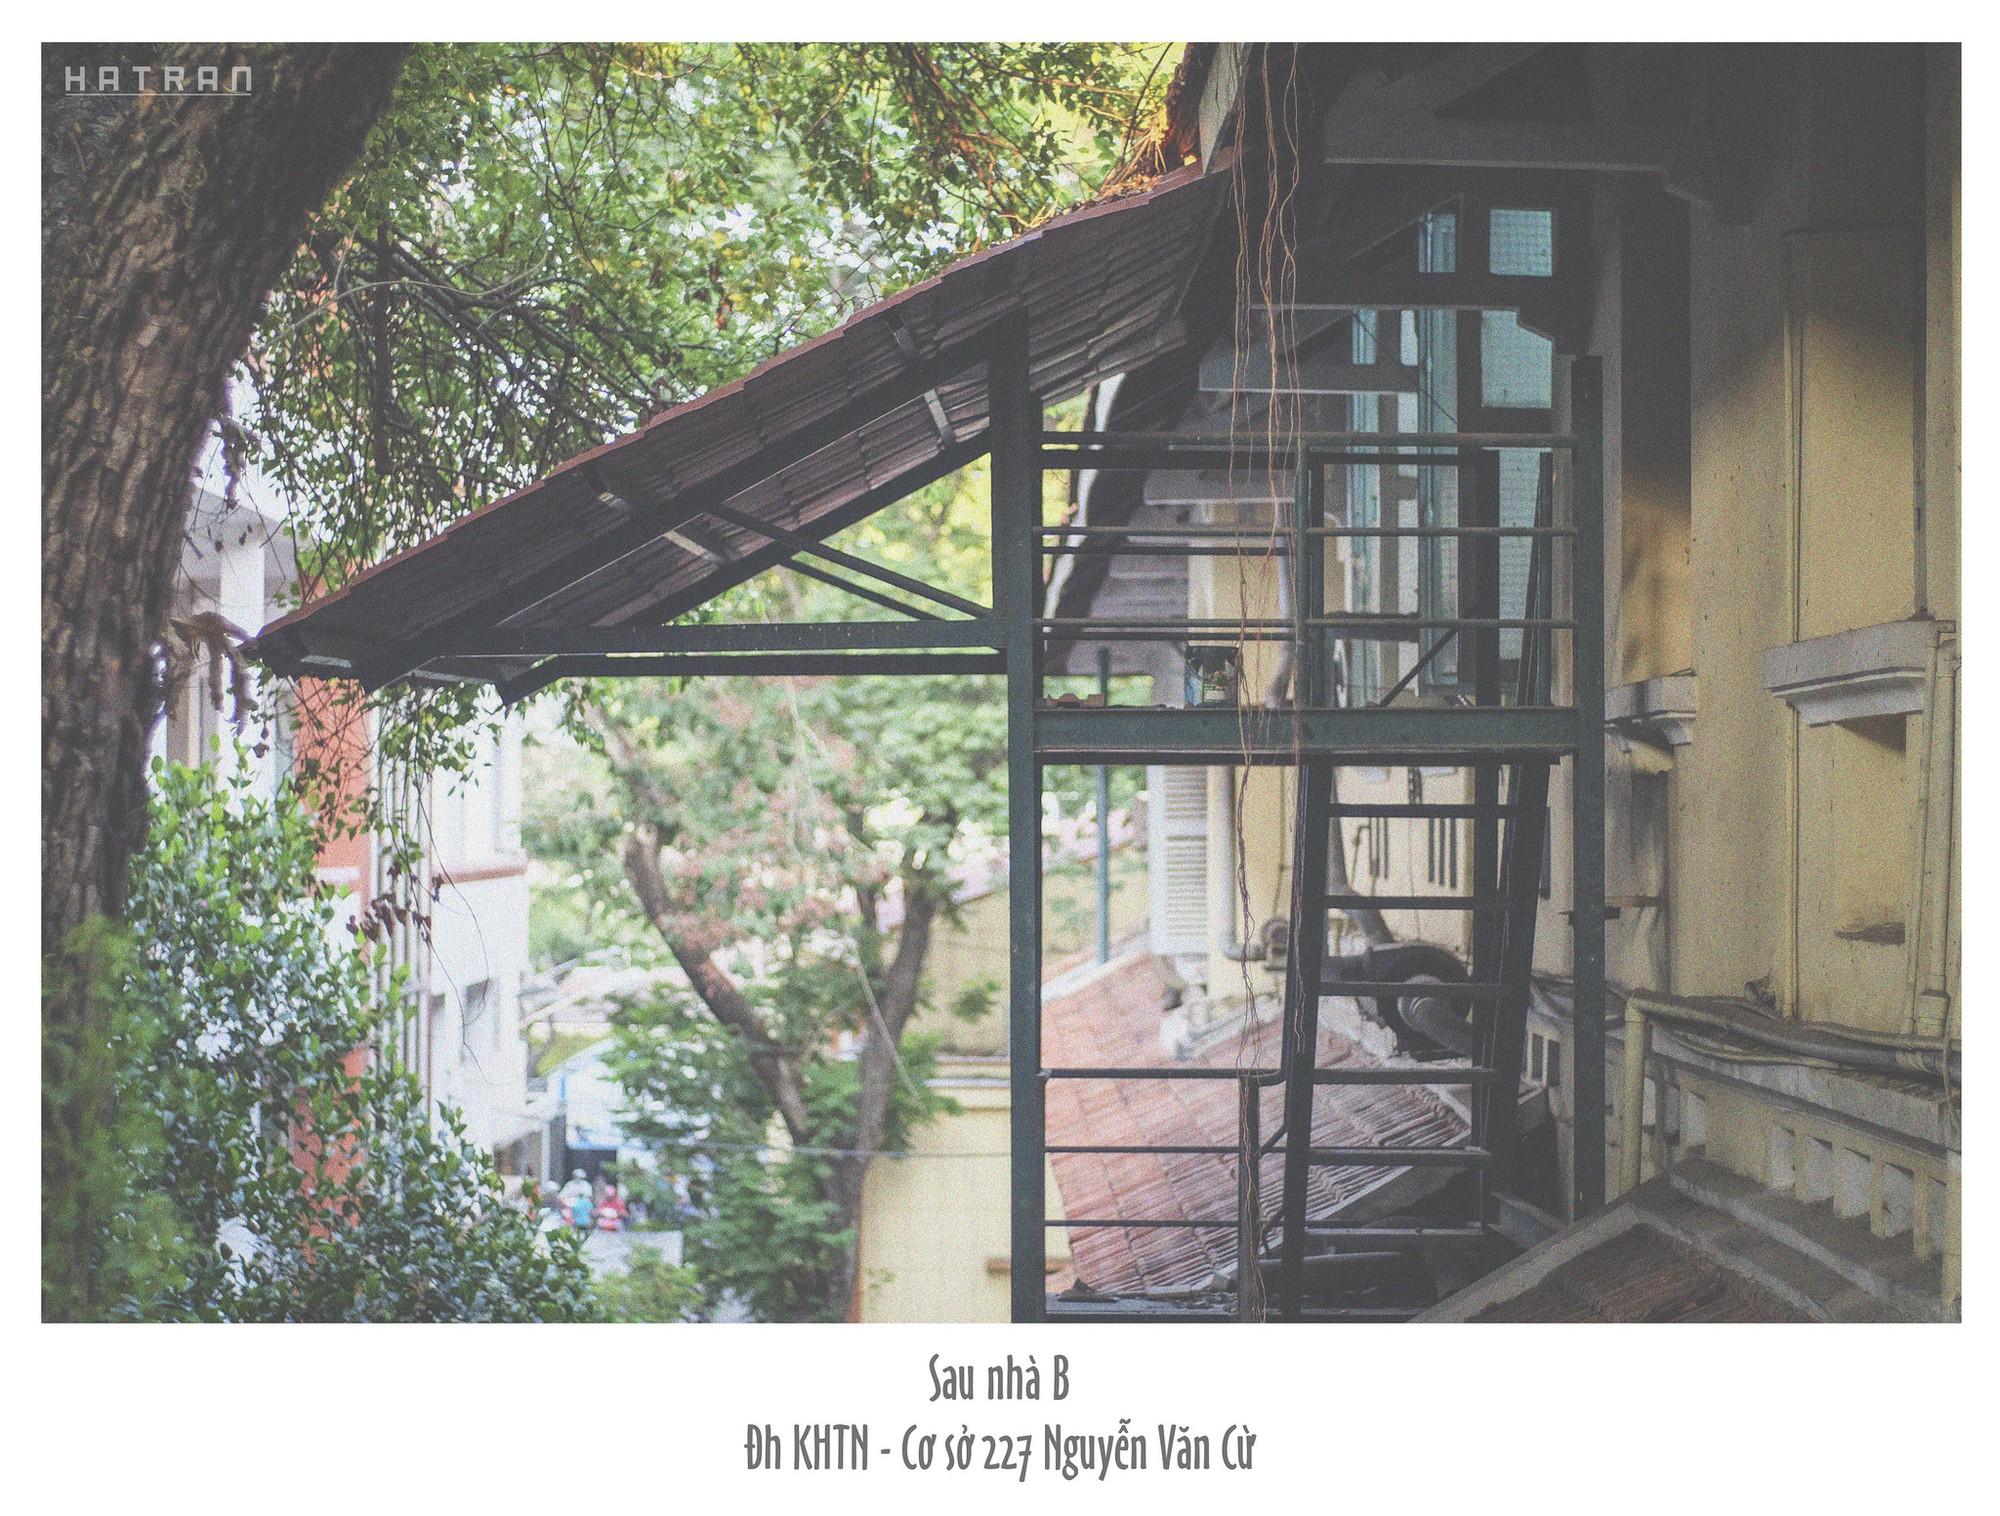 Trường Đại học dễ thương, lãng mạn nhất Sài Gòn, nơi có ghế đá FA dành cho người cô đơn nổi đình nổi đám một thời - Ảnh 13.